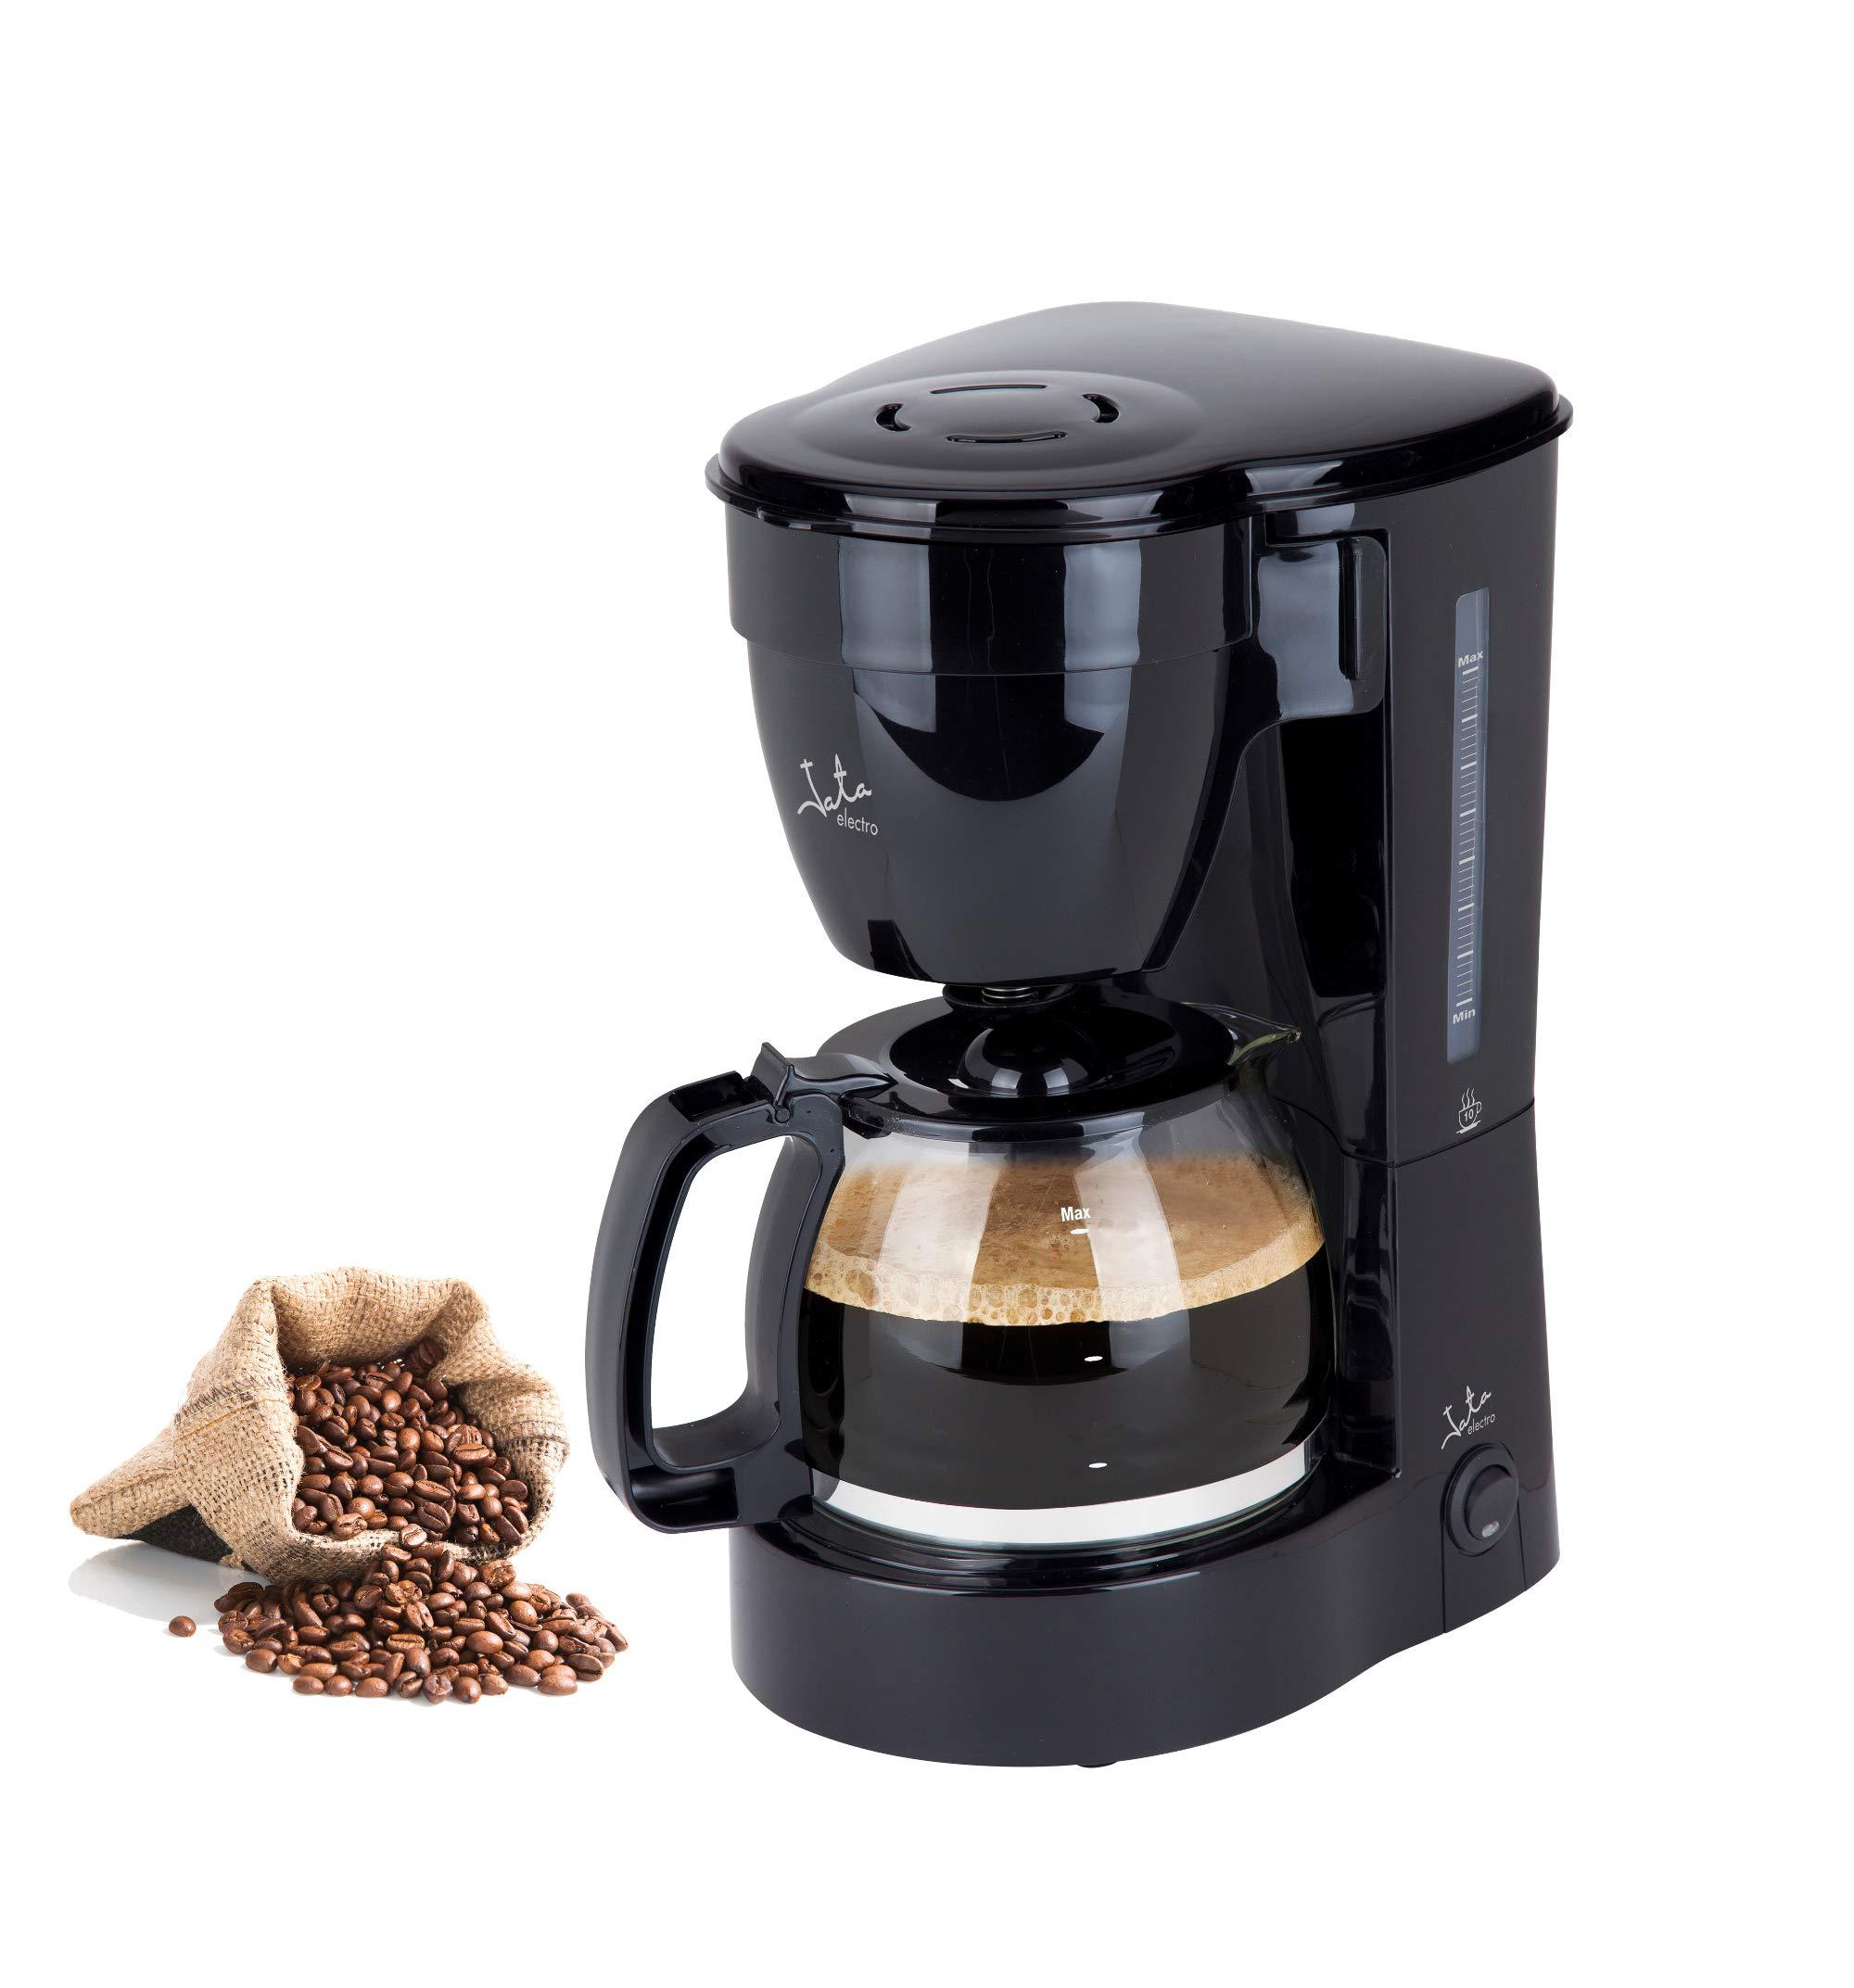 Jata Cafetera de goteo CA289 - De 2 a 10 tazas, Filtro permanente, Antigoteo, Jarra con tapa, Filtro suspendido,: Amazon.es: Hogar